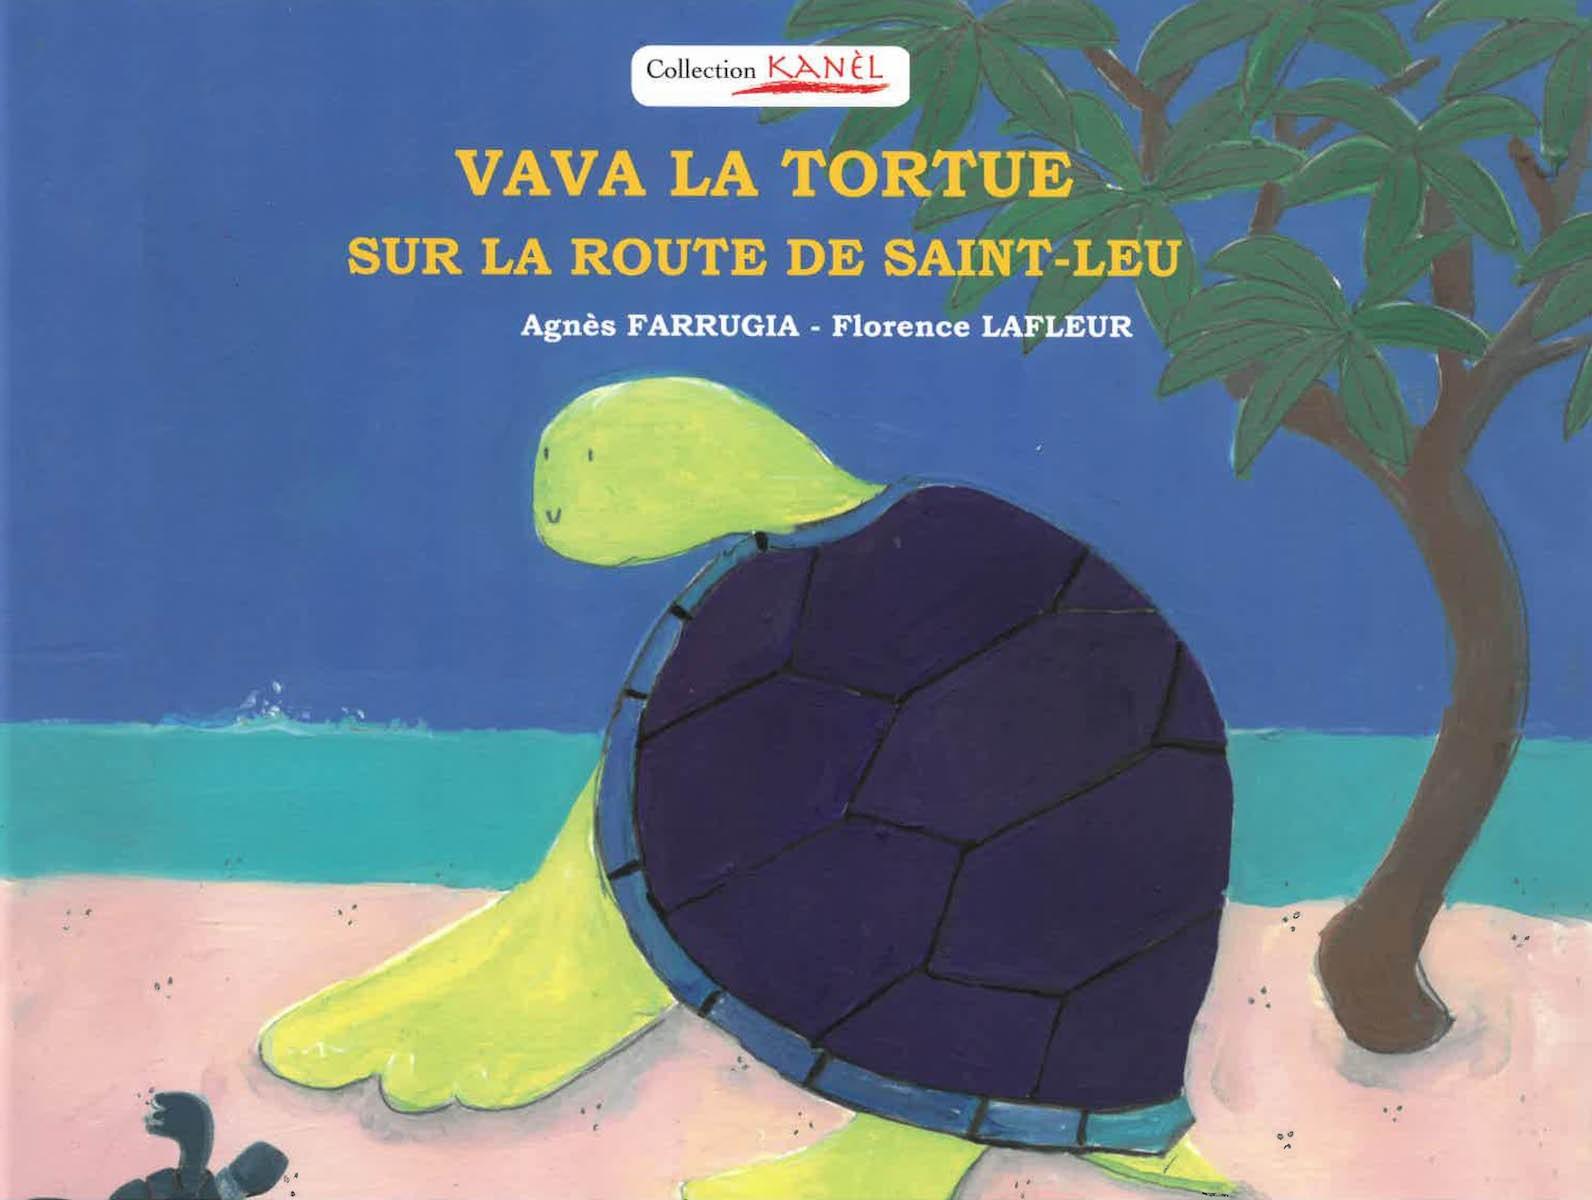 Vava la tortue sur la route de Saint-Leu